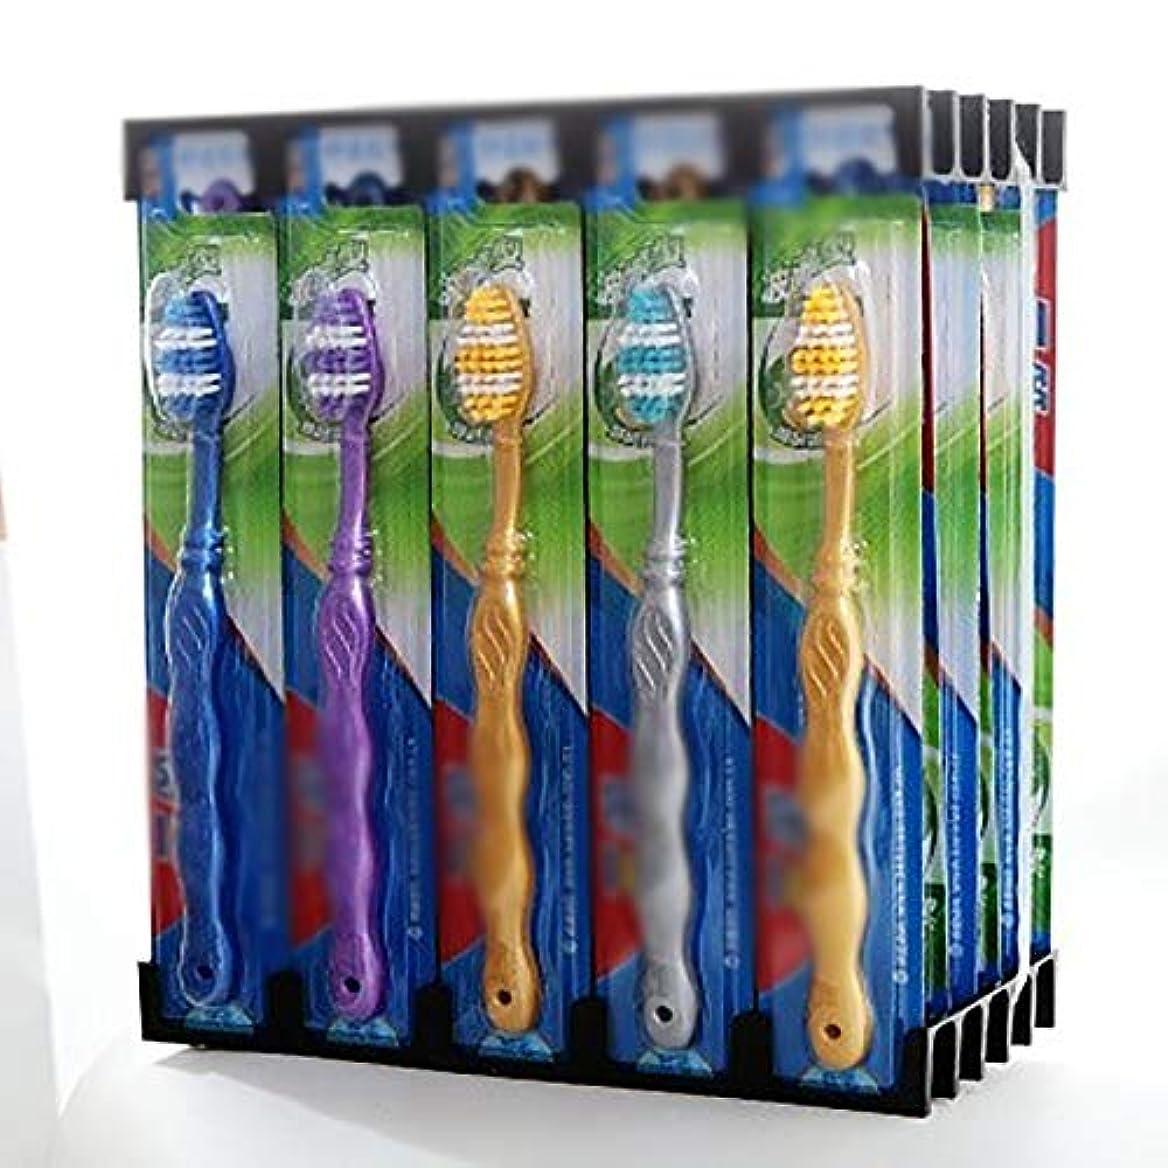 再生可能請う持ってる歯ブラシ 使用可能なスタイルの3種類 - 30パックは、敏感な歯のために、超柔らかい歯ブラシの歯ブラシを一括します HL (色 : B, サイズ : 30 packs)